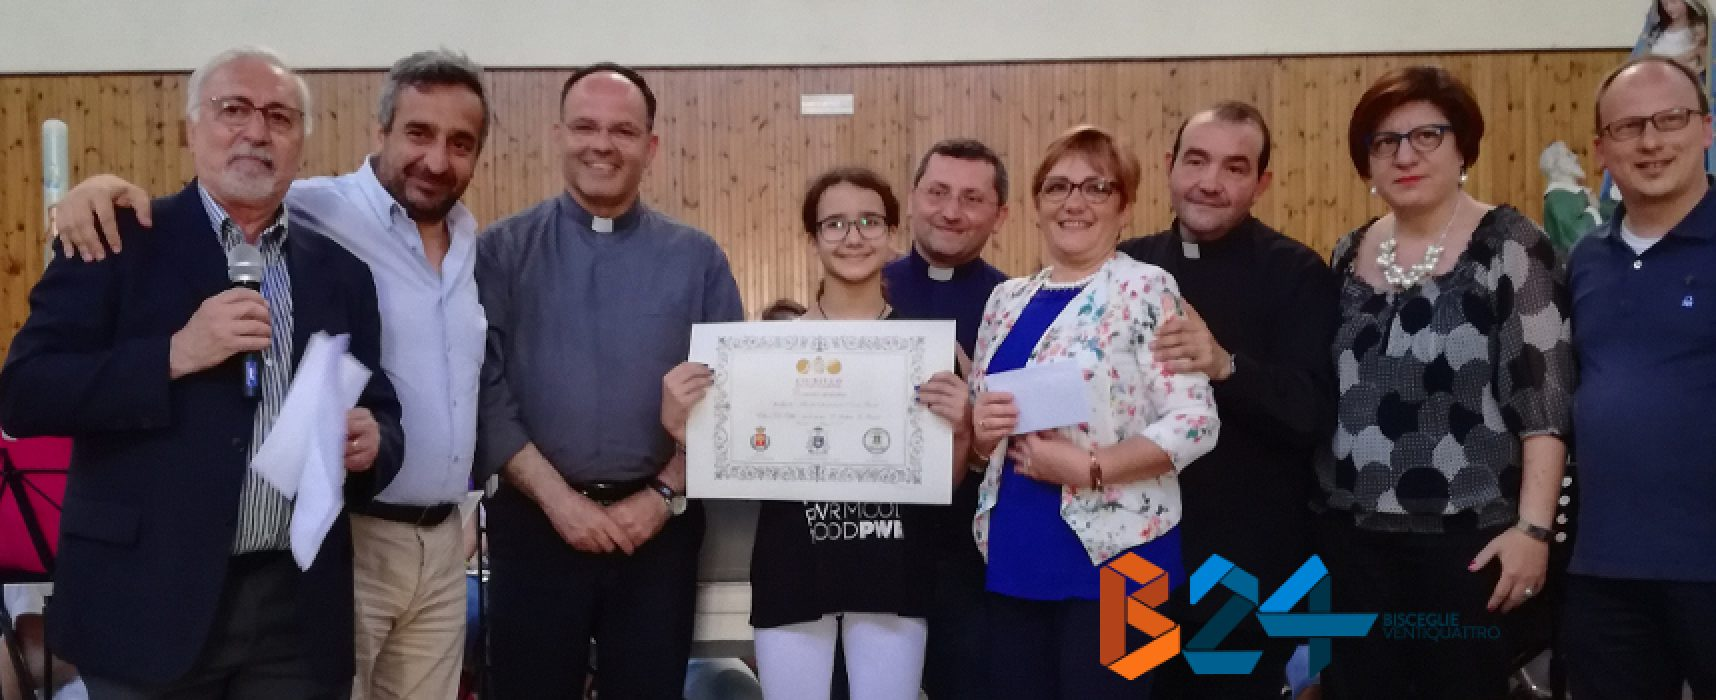 Giubileo dei Santi Martiri, premiati i vincitori del concorso rivolto alle scuole / FOTO